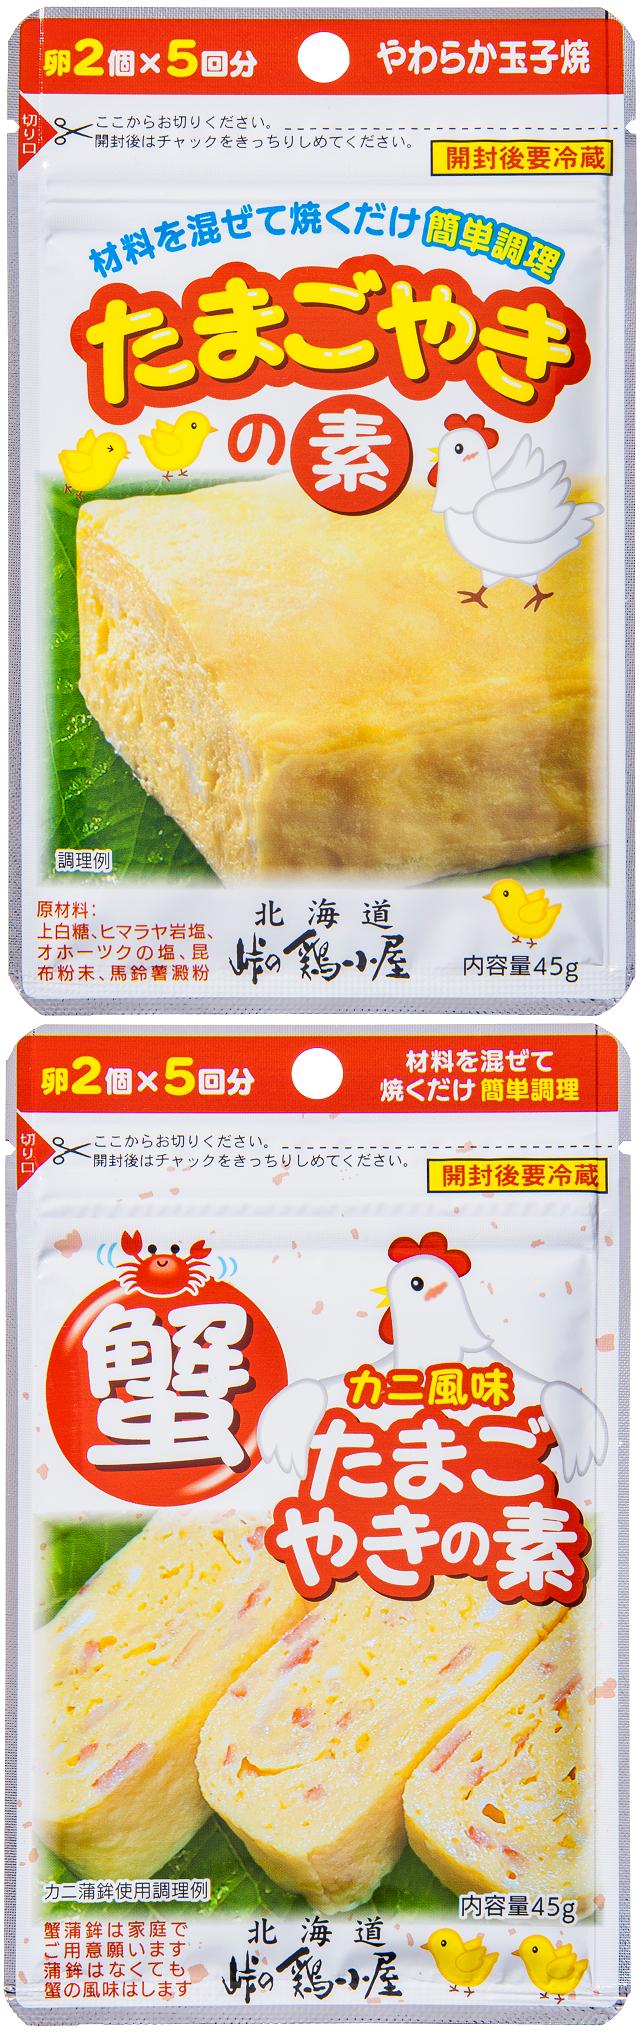 峠の鶏小屋 北海道 保存料無添加たまごやきの素1袋 カニ風味たまごやきの素1袋 セット